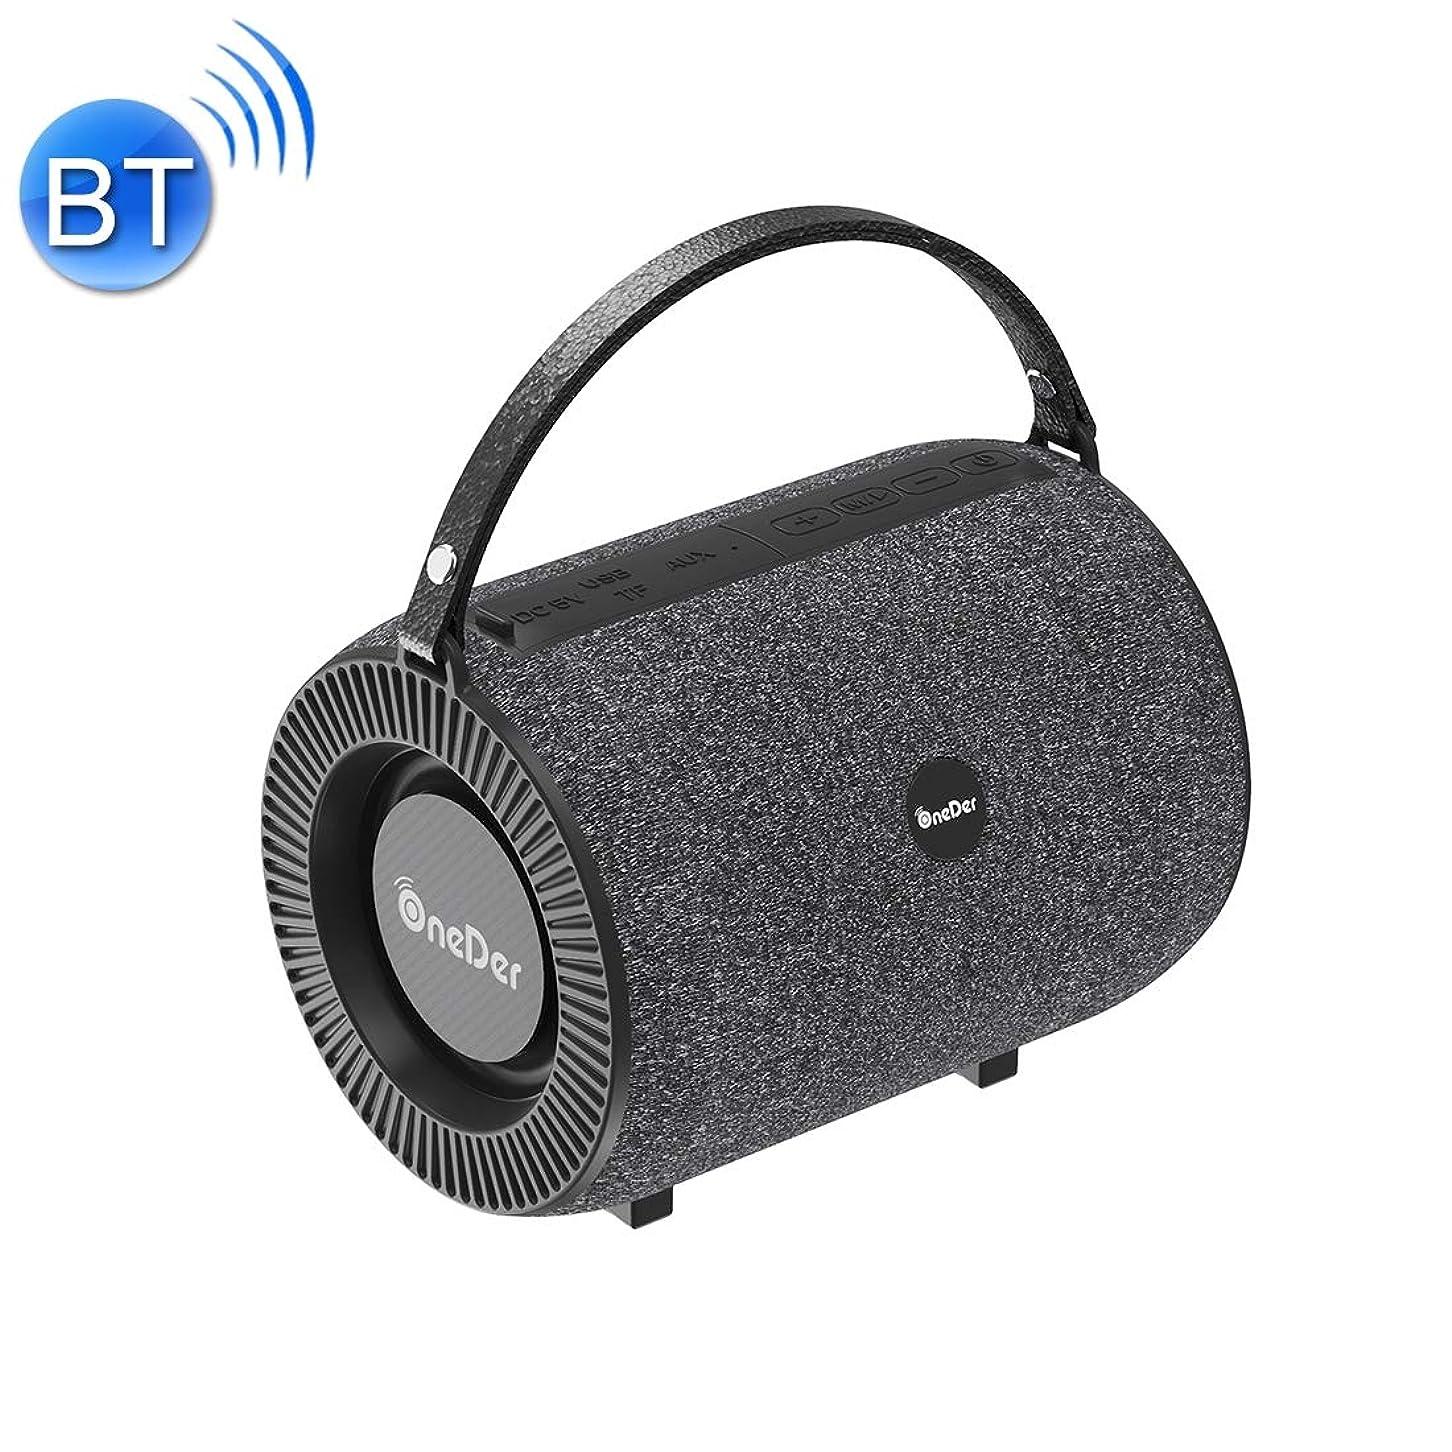 置くためにパック占める姿勢Eryanone サポートハンズフリー&FM&TFカード&AUX&USBドライブ(ブラック)新しい、V3屋外ハンドヘルド無線通信のBluetoothスピーカー新 (色 : Black)